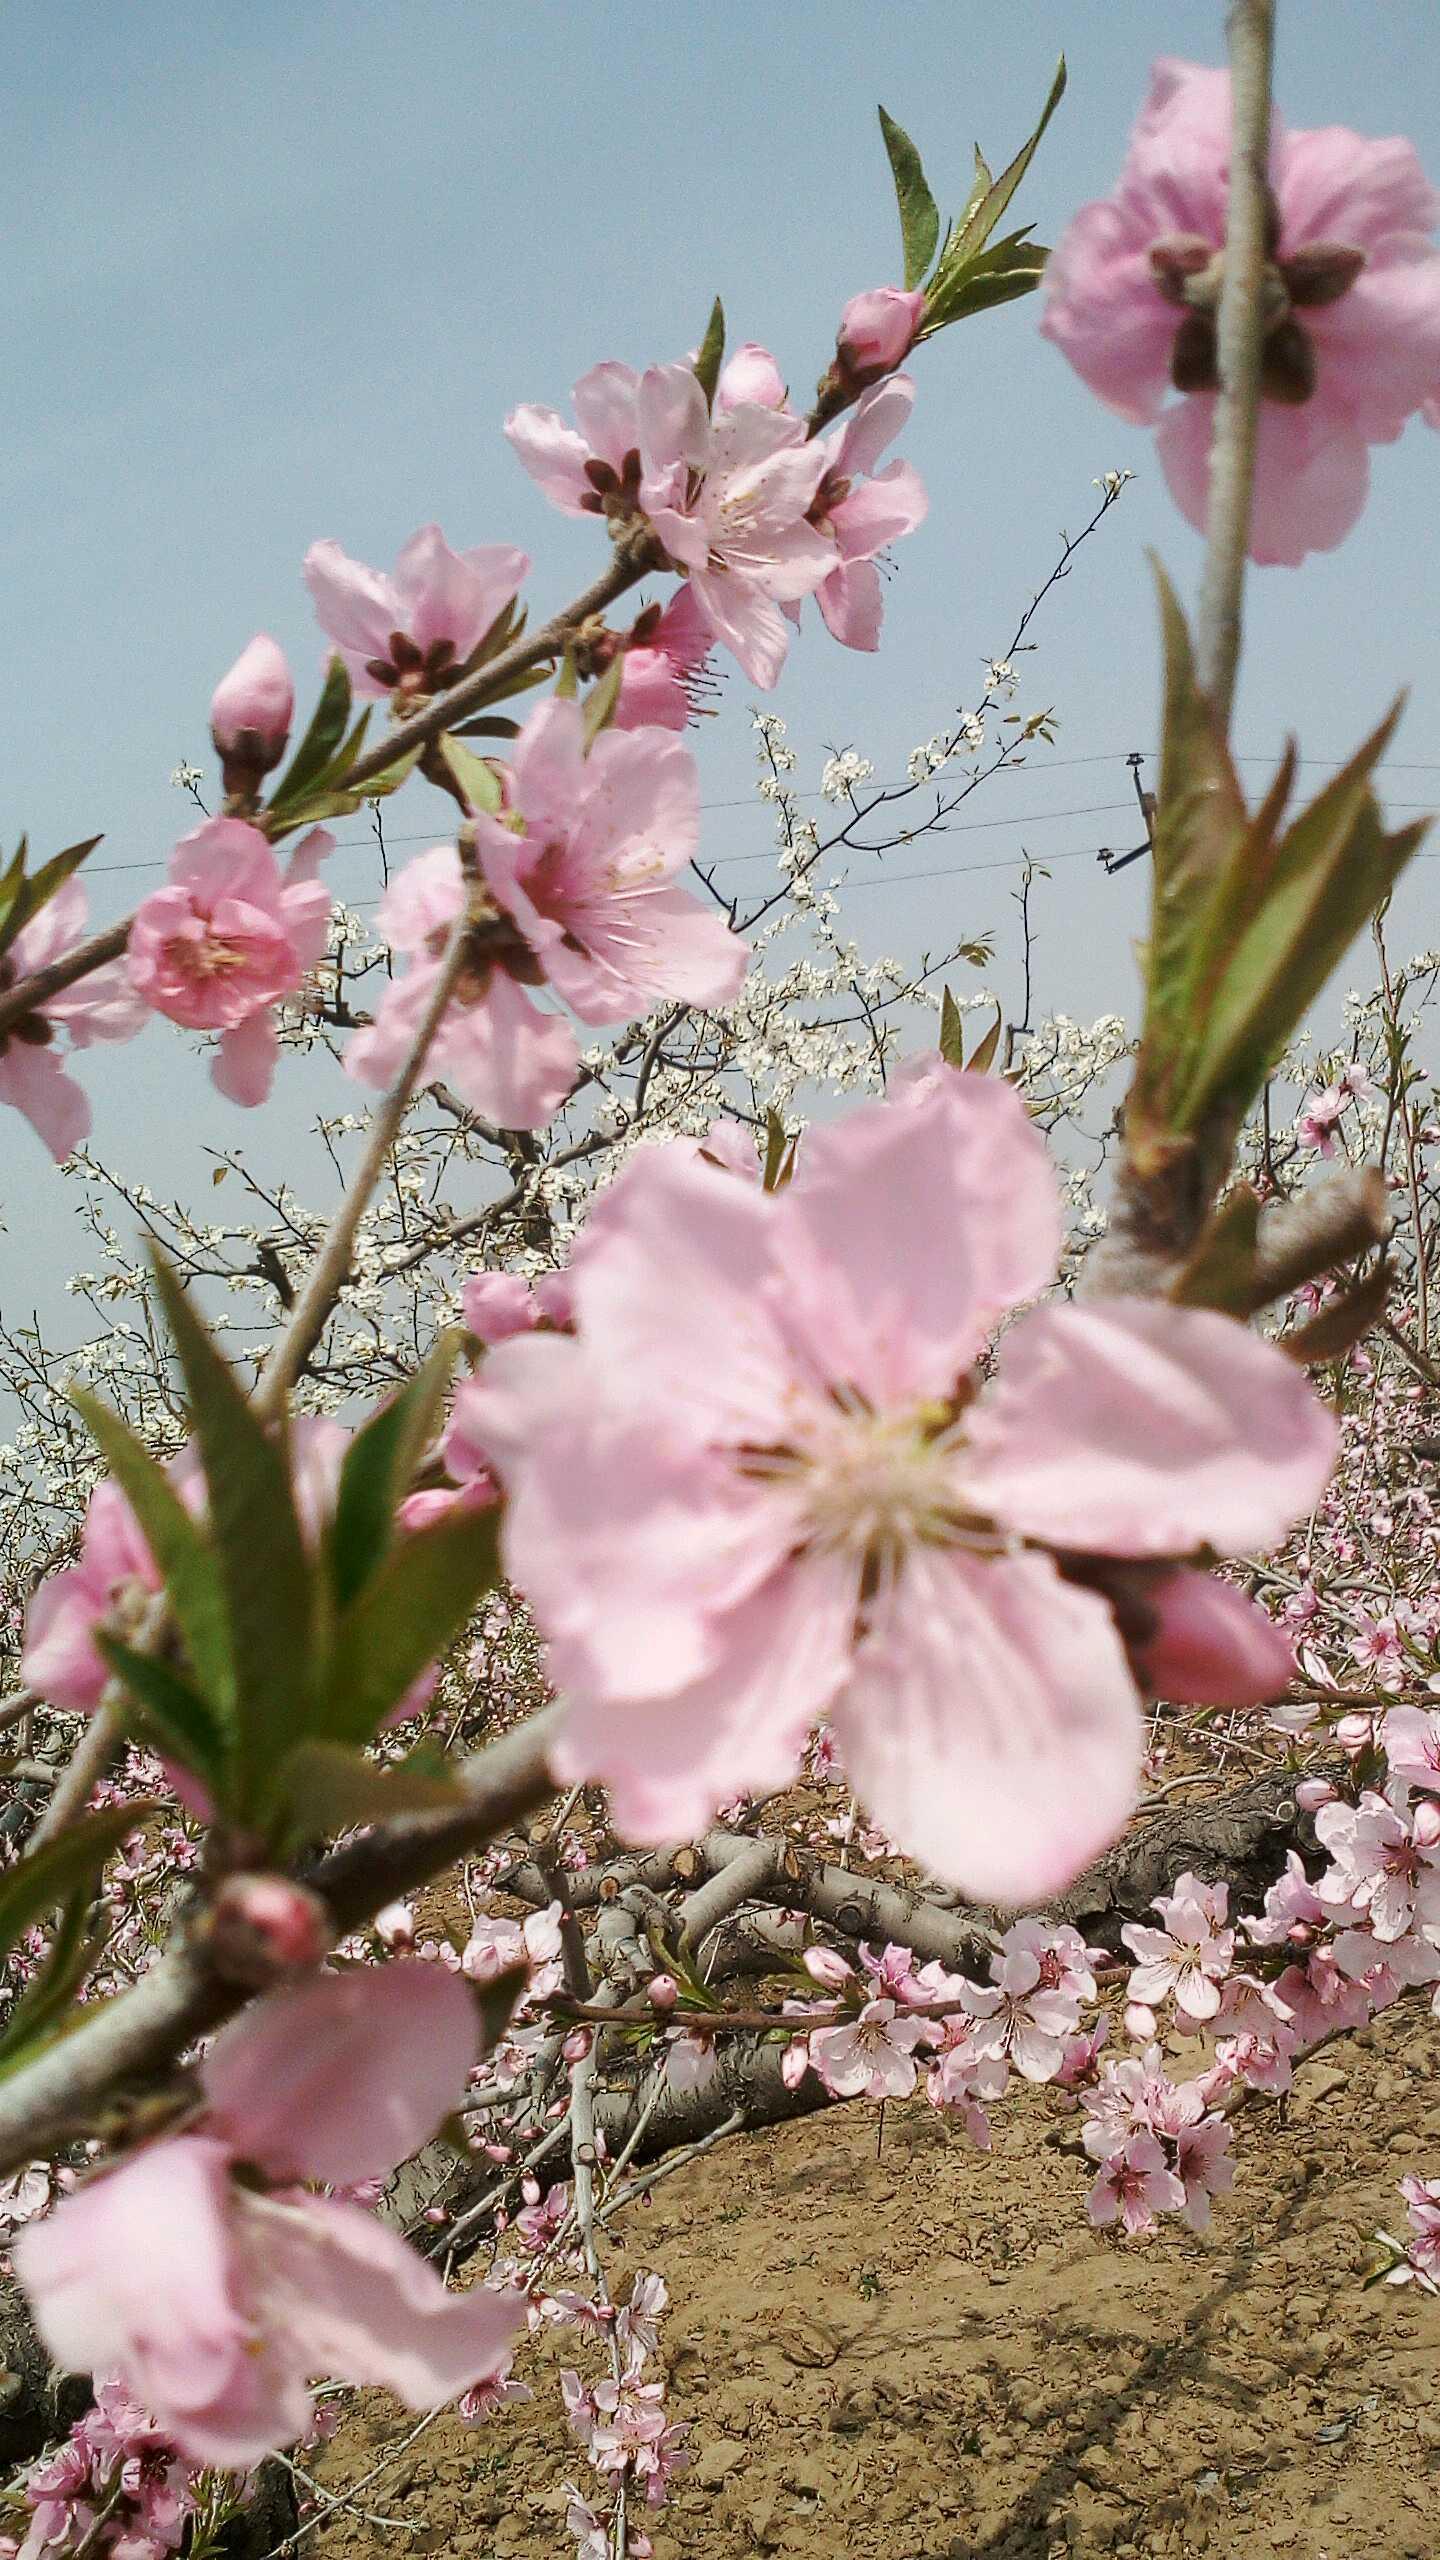 阳春三月好风景,人面挑花向映红.春风吹的游人醉,果农祈盼好收成.